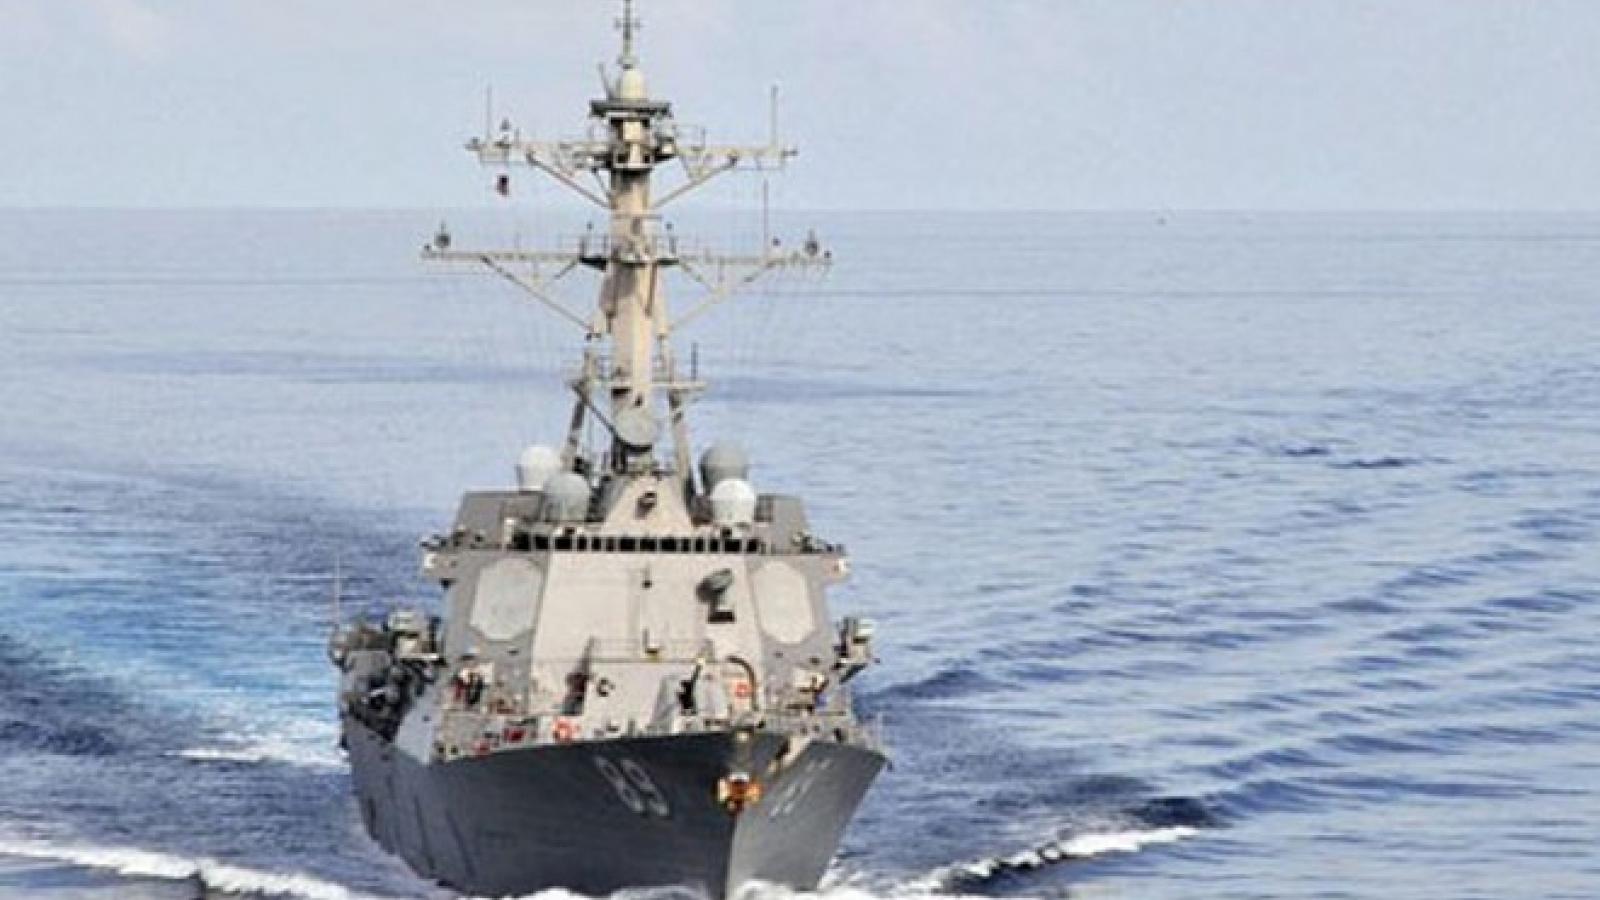 Mỹ tiếp tục phản đối các yêu sách hàng hải phi pháp của Trung Quốc ở Biển Đông